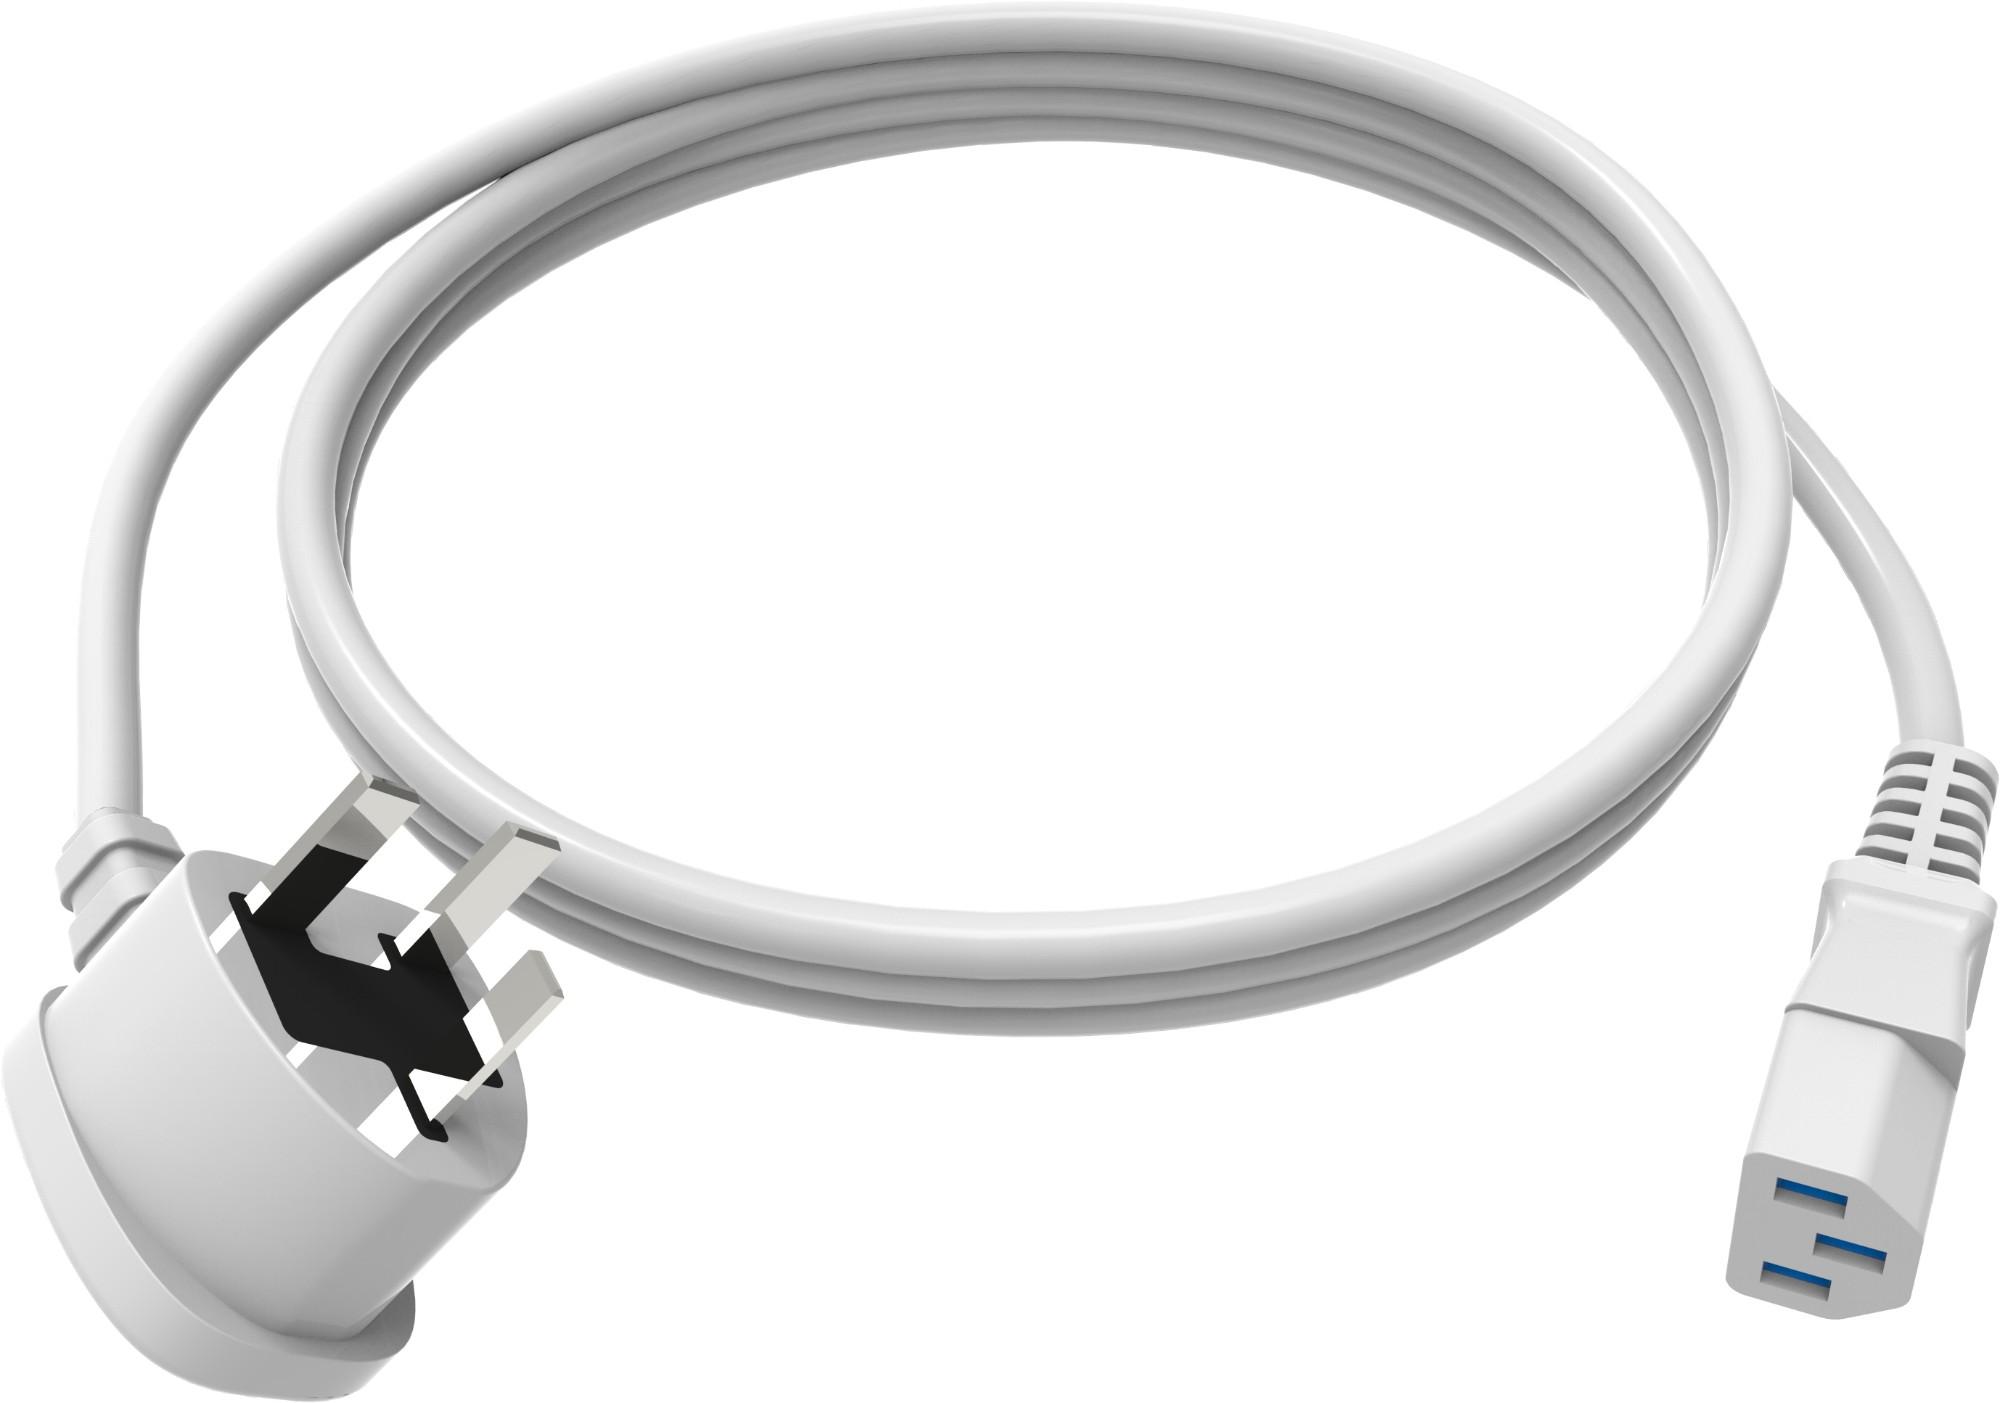 Vision TC 2MUKIEC power cable White 2 m C13 coupler BS 1363